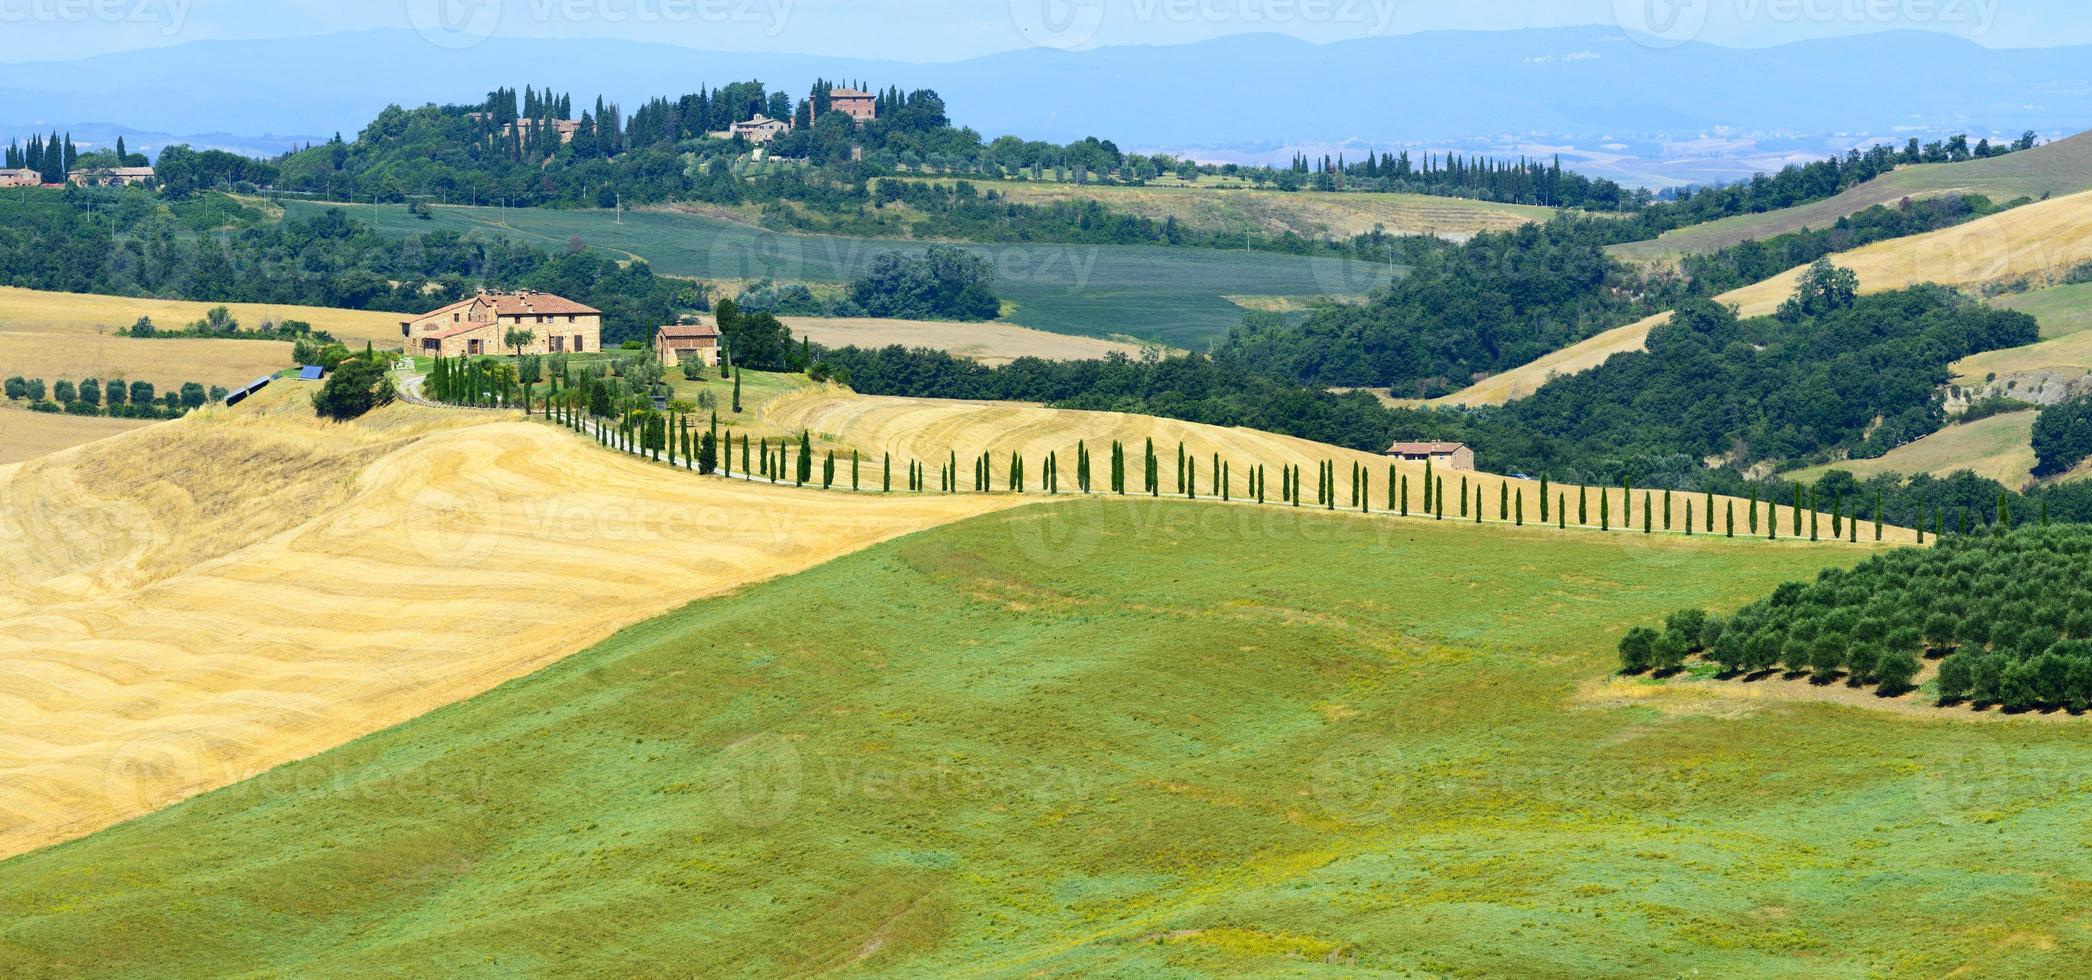 crete senesi (Toscana, Italien) foto